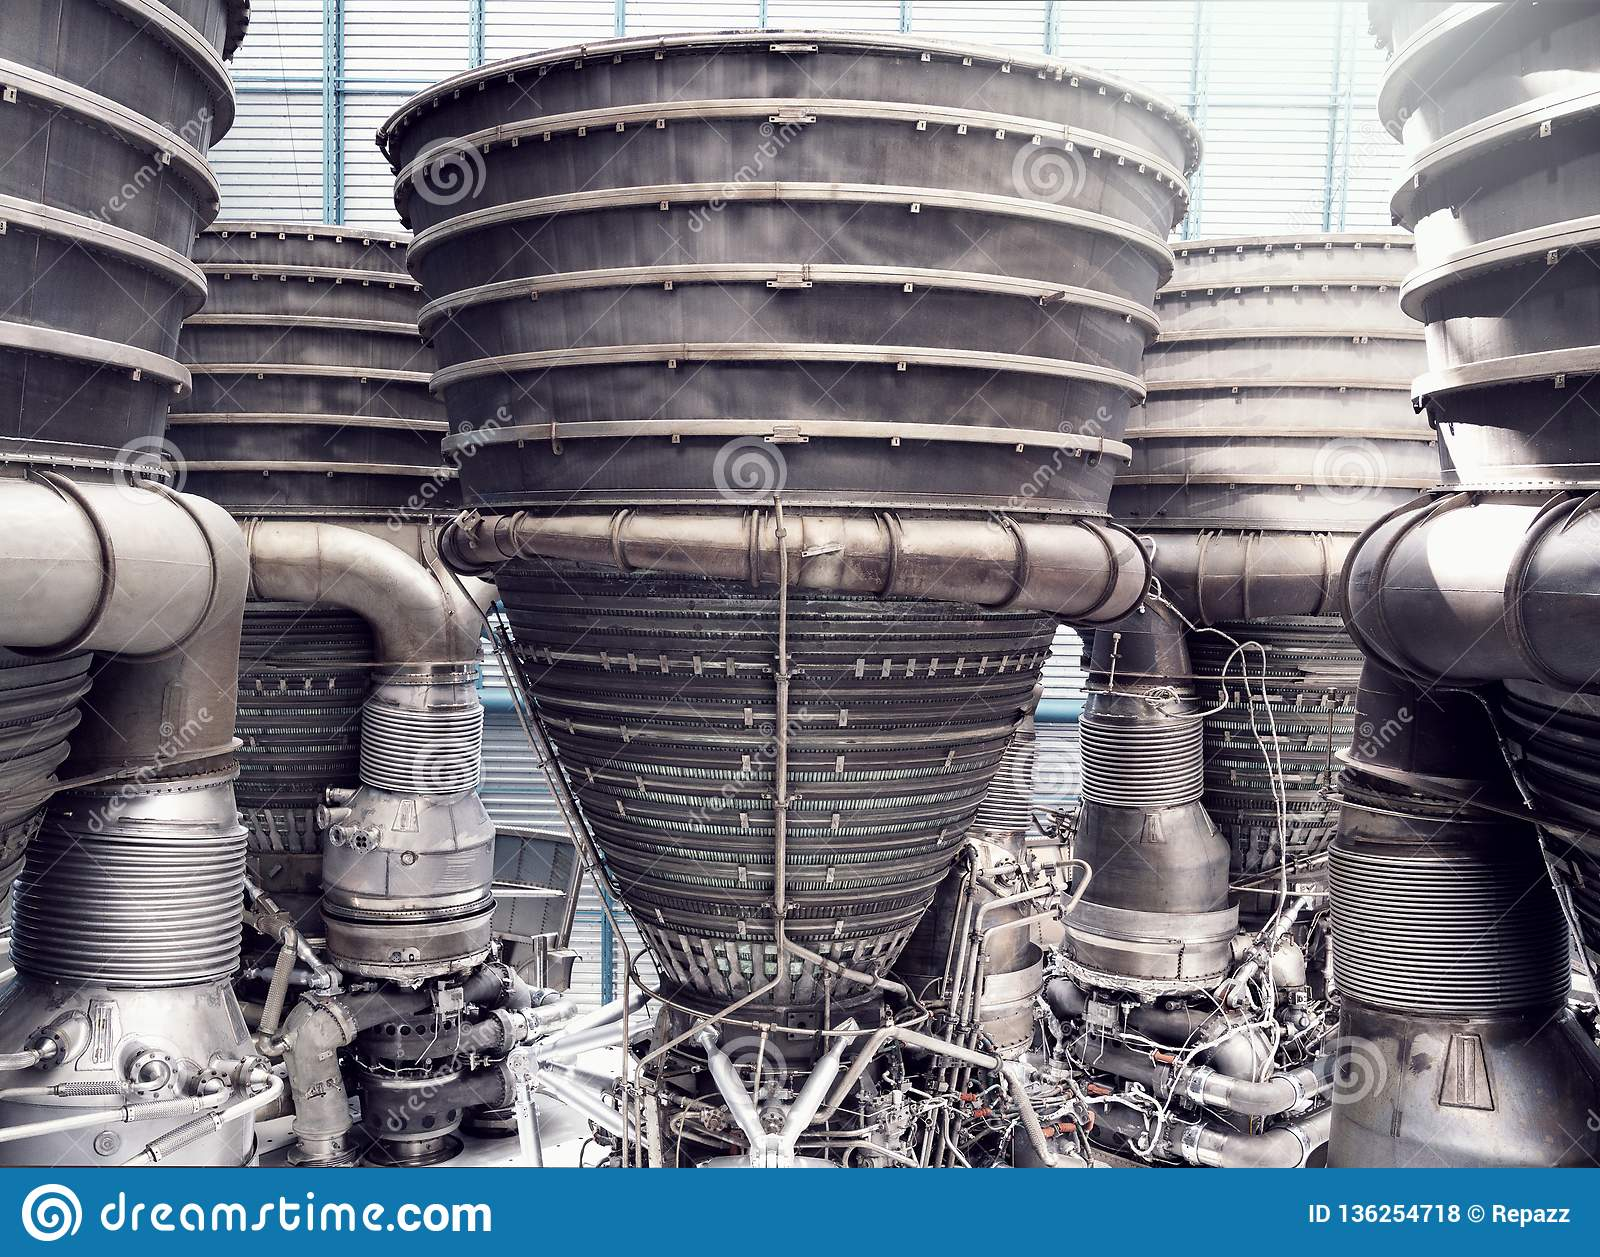 Saturn V Rocket Engines Close Up